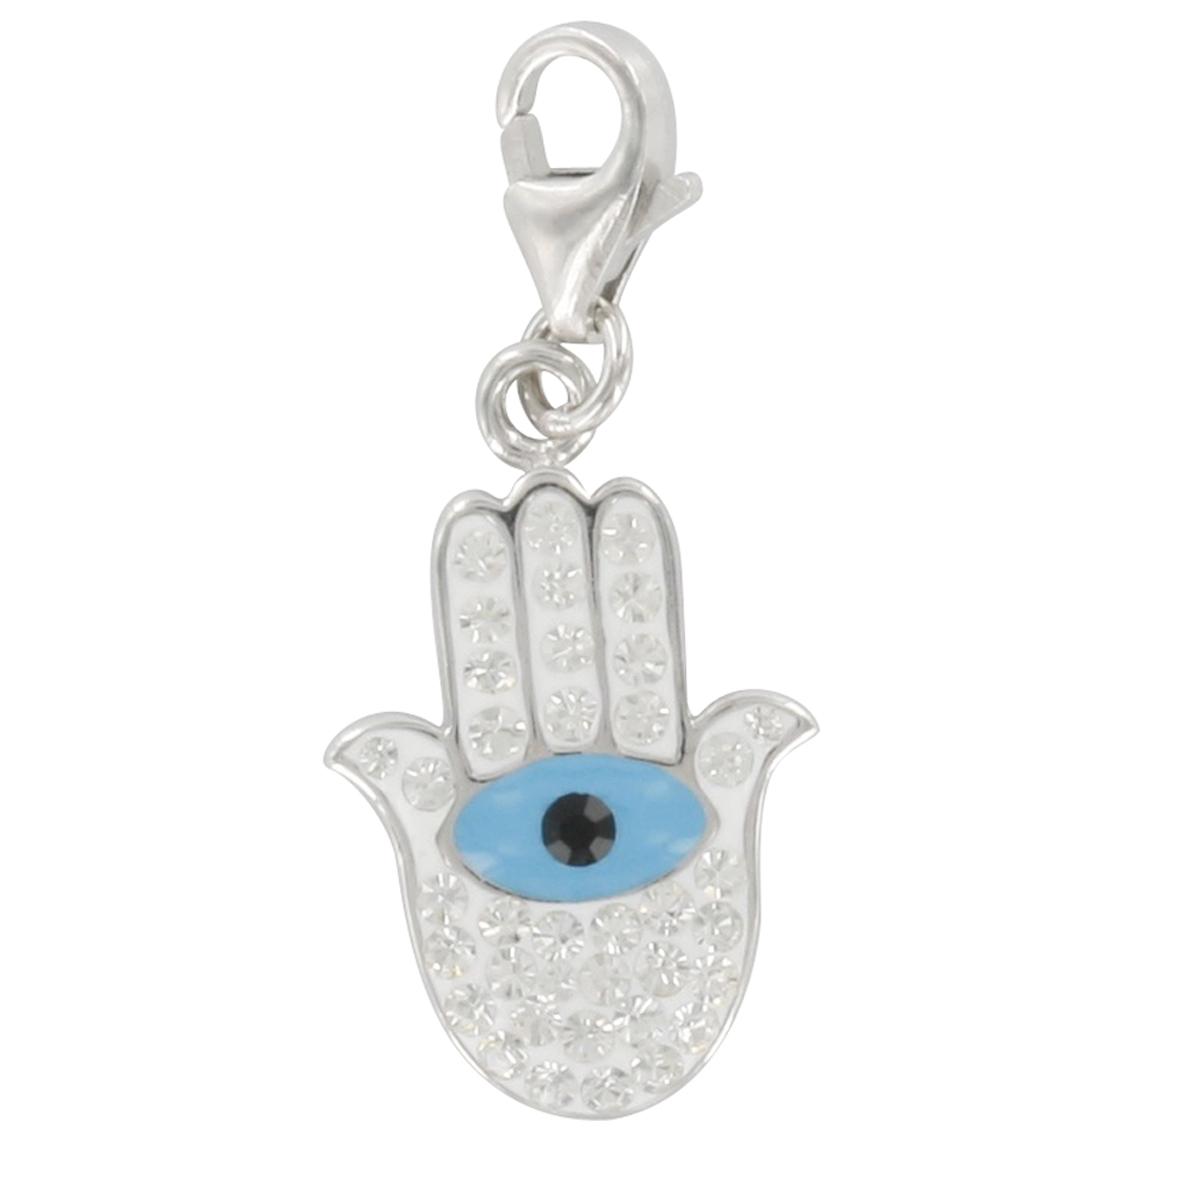 Pendentif charm argent \'Main de Fatma\' turquoise blanc argenté (rhodié) - 17x13 mm - [Q4904]